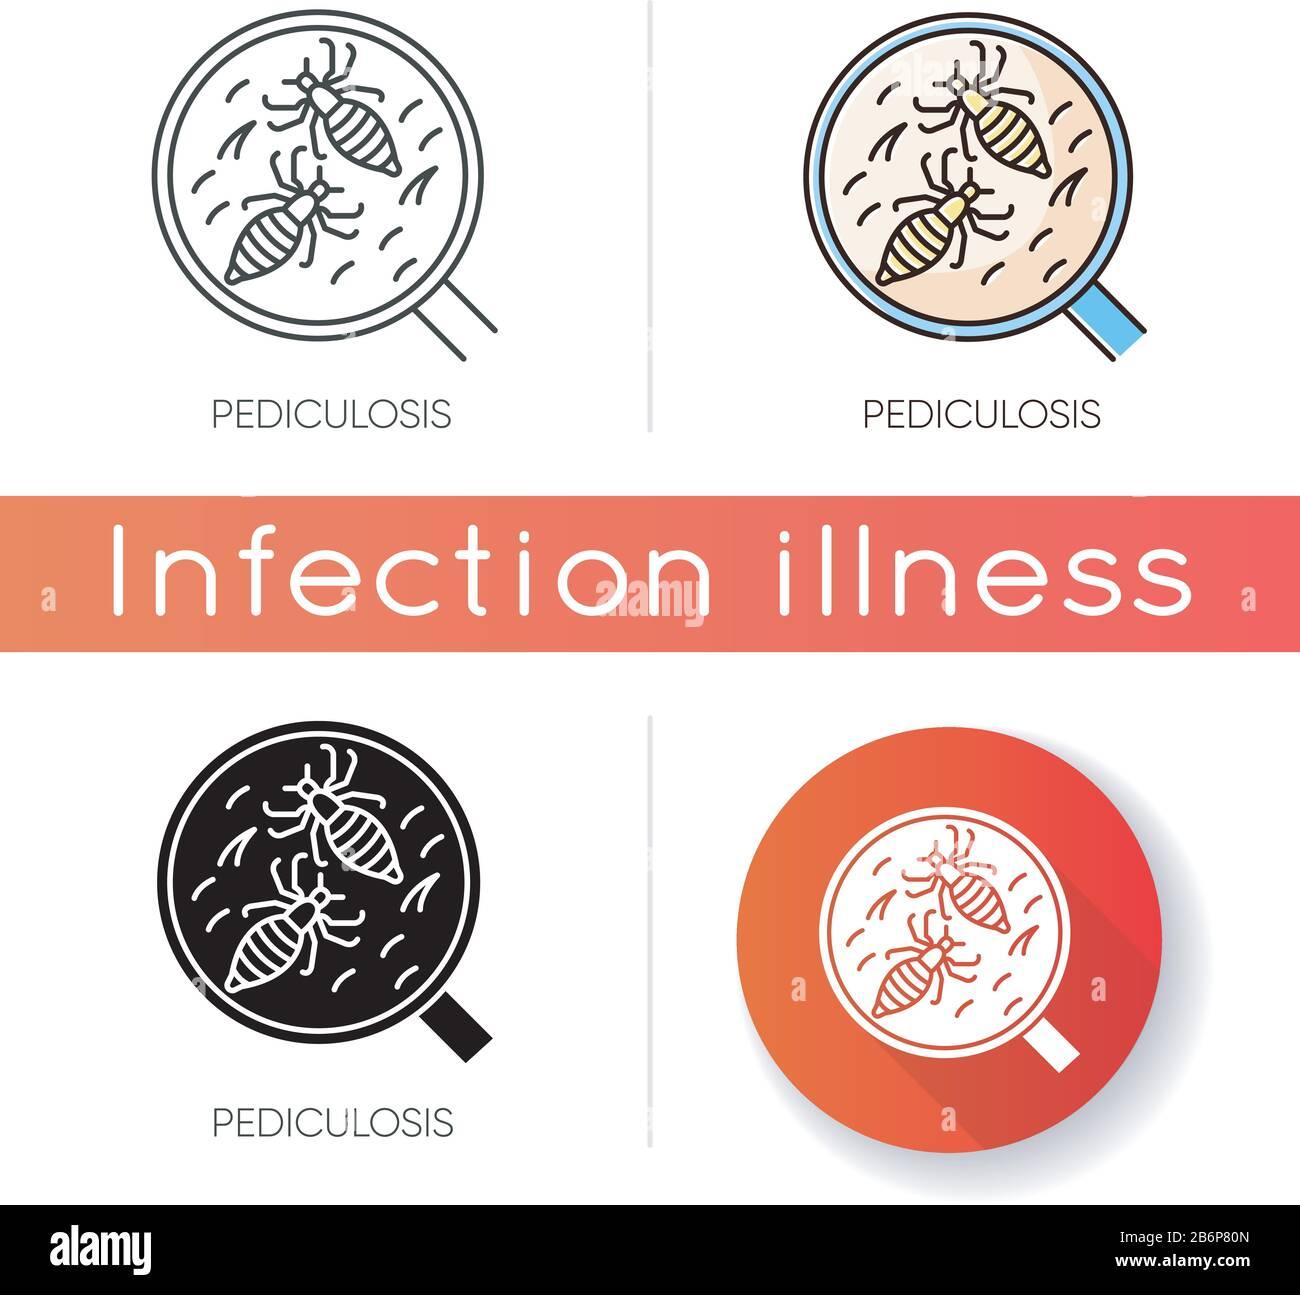 Icona pediculosi. Stili di colore lineare nero e RGB. Problemi medici contagiosi, malattie epidemiche, pidocchi. Insetti piccoli, parassiti sotto ingrandimento Illustrazione Vettoriale